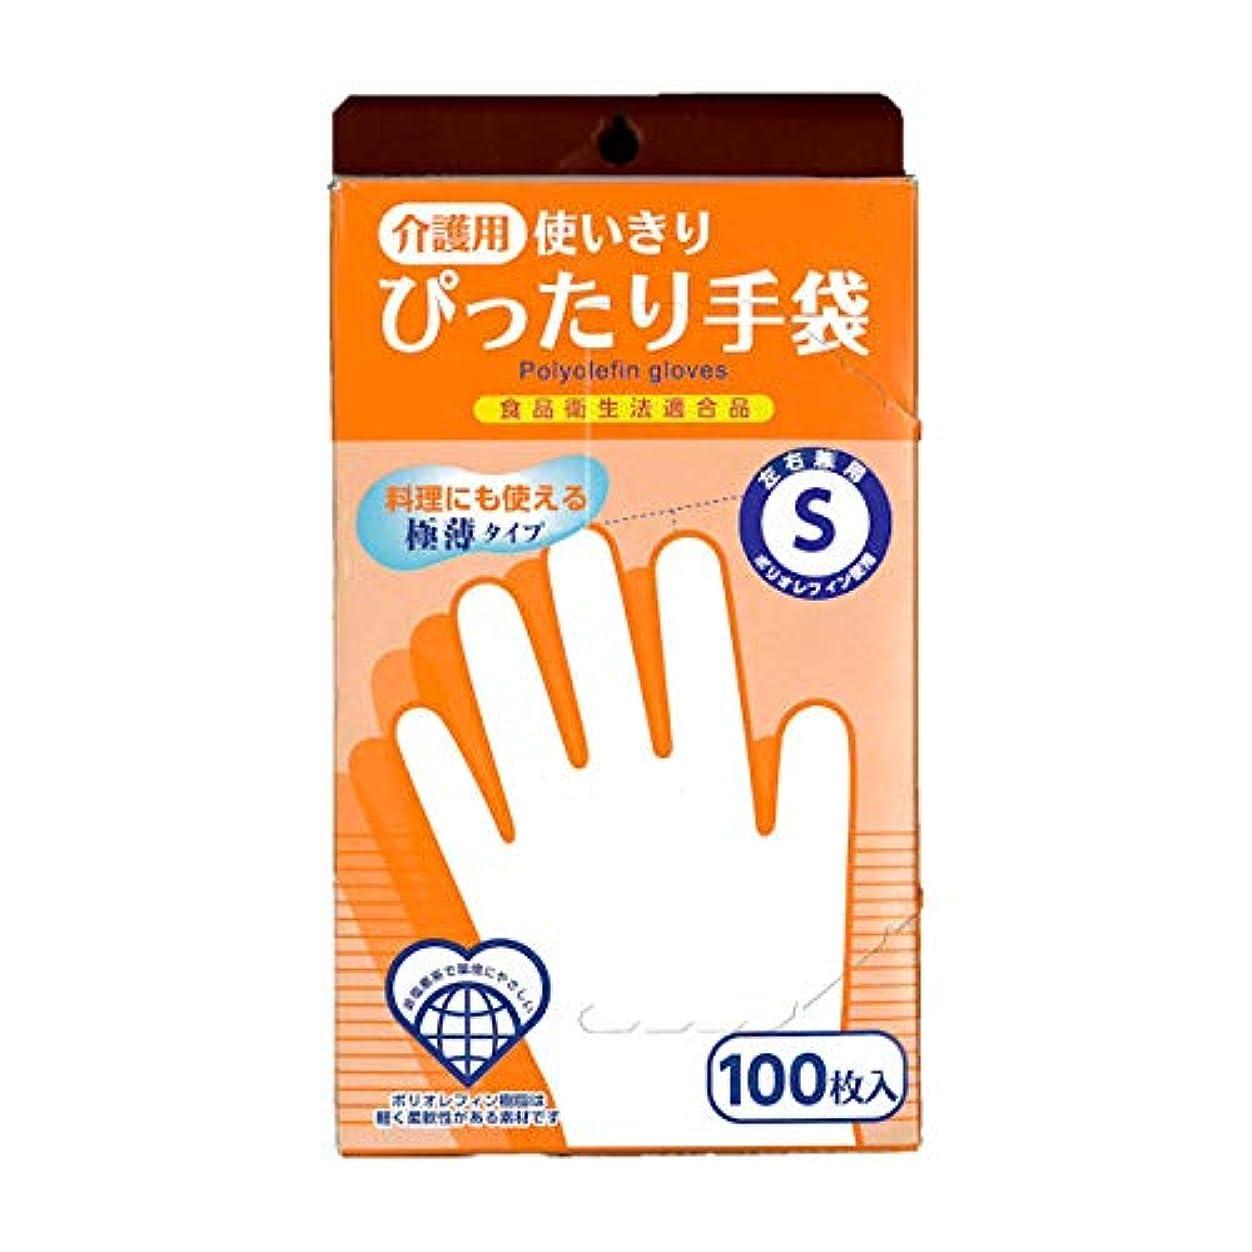 インデックスびんシダ奥田薬品 介護用 使いきりぴったり手袋 Sサイズ 100枚